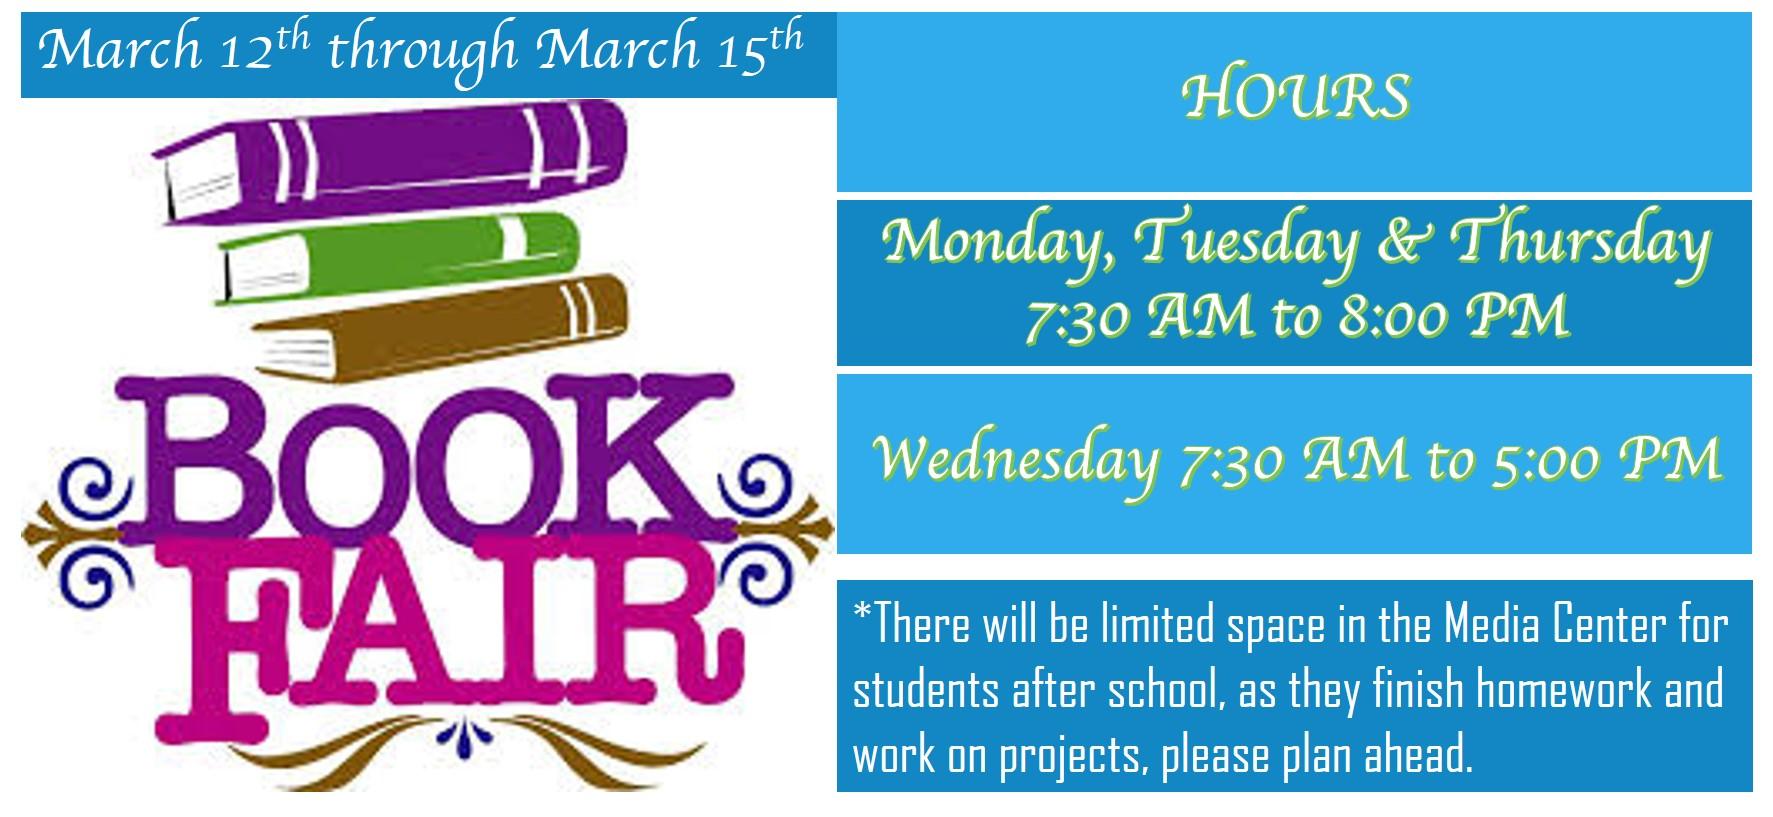 spring-book-fair.jpg